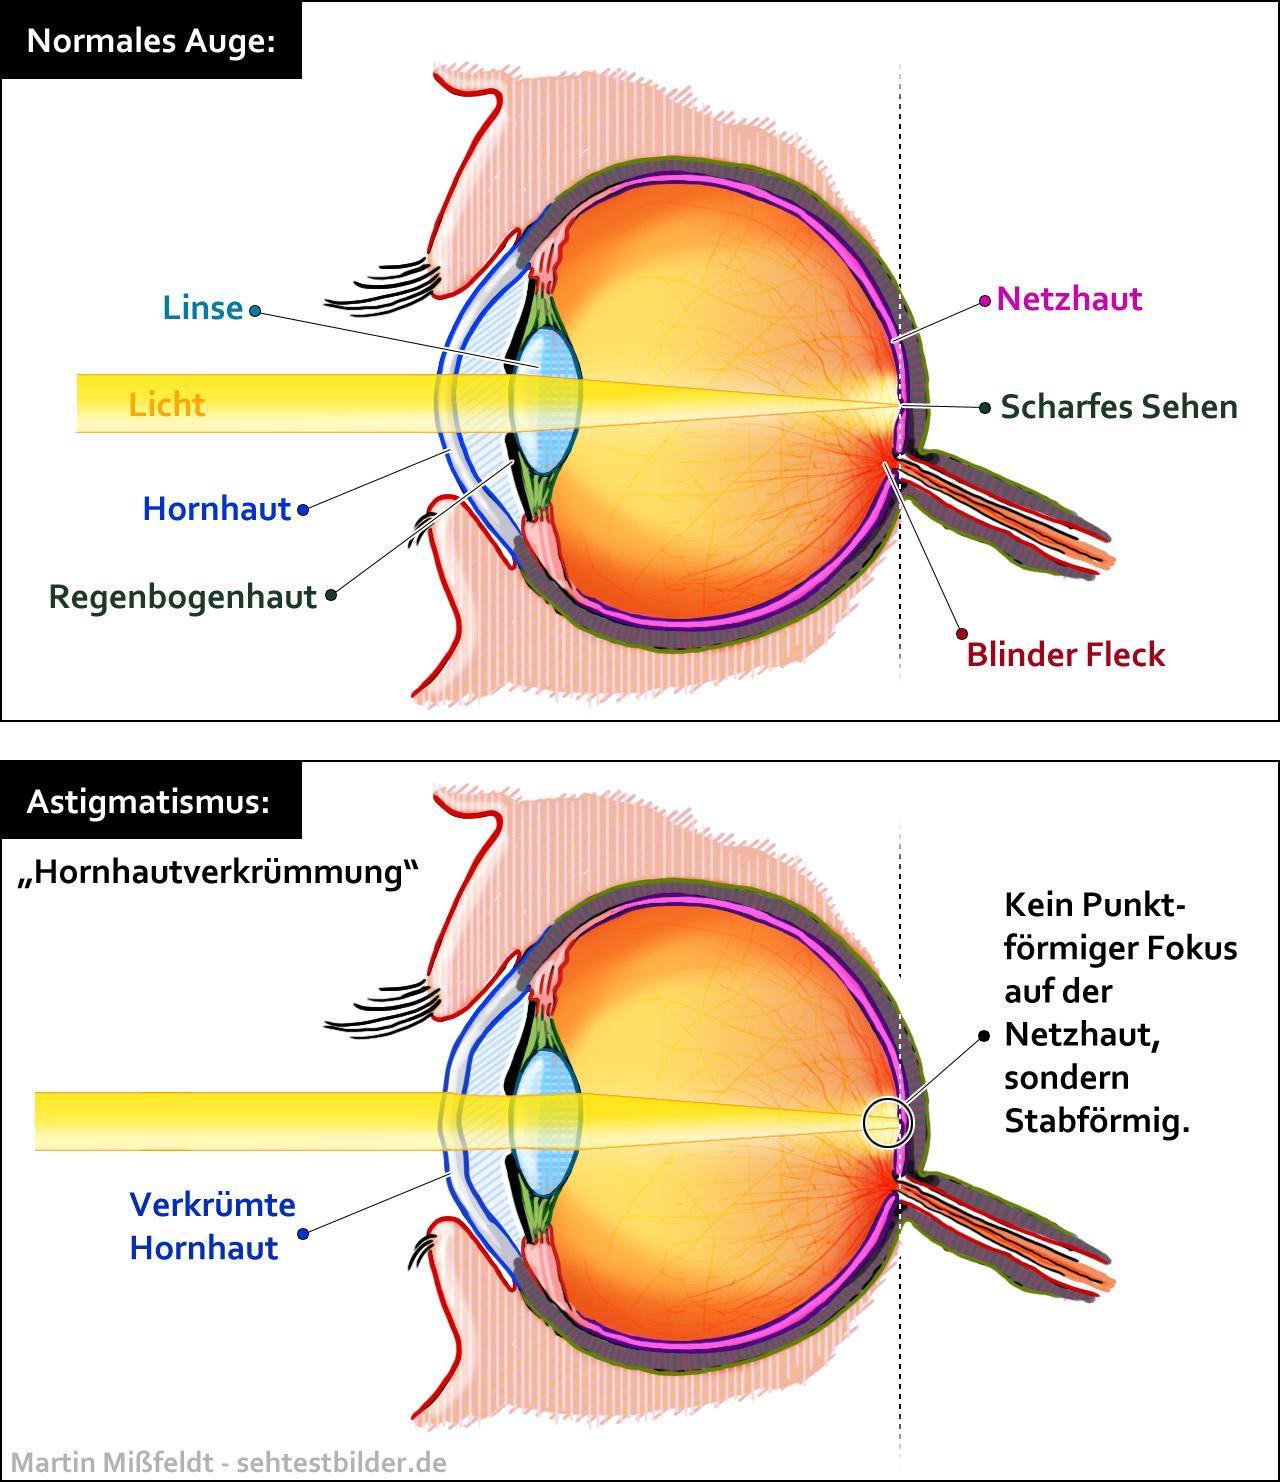 Myopie hyperopie astigmatismus - hipnotizor.hu